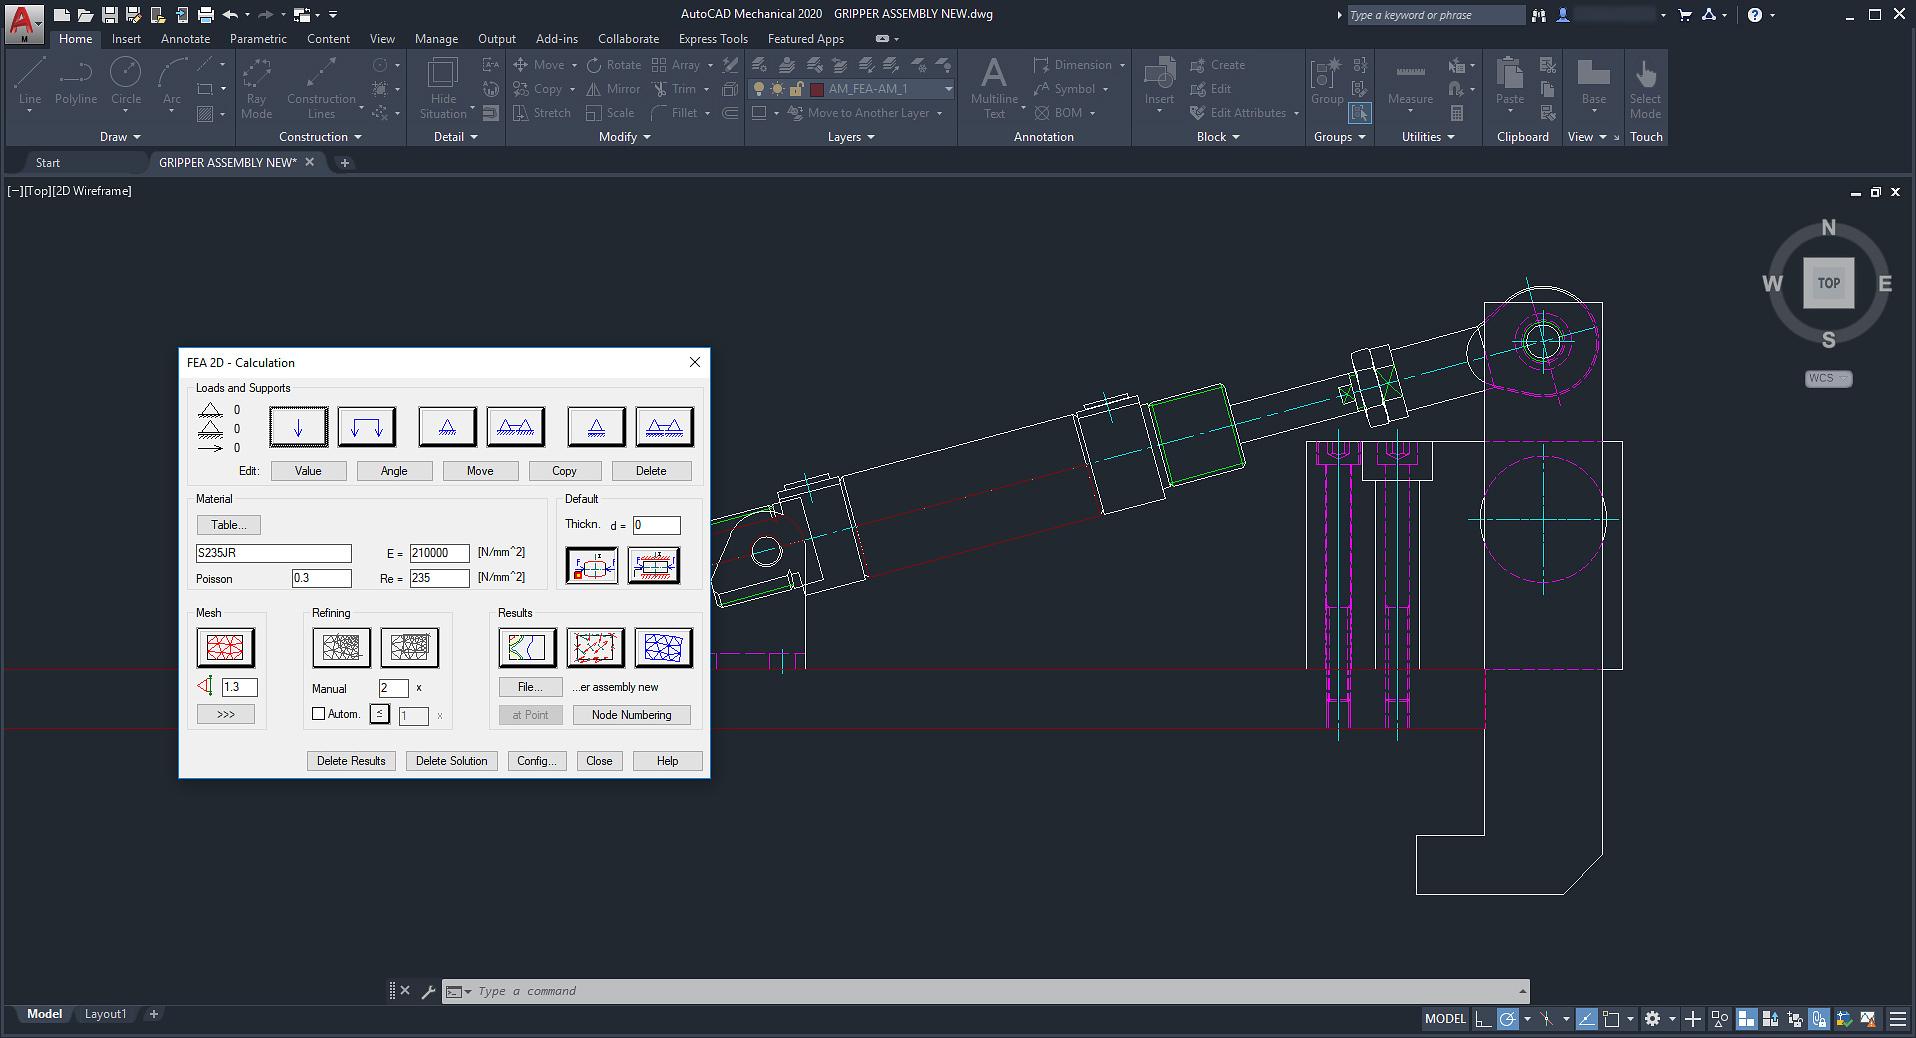 AutoCAD Mechanical 工具集 | 機械設計軟體 | Autodesk